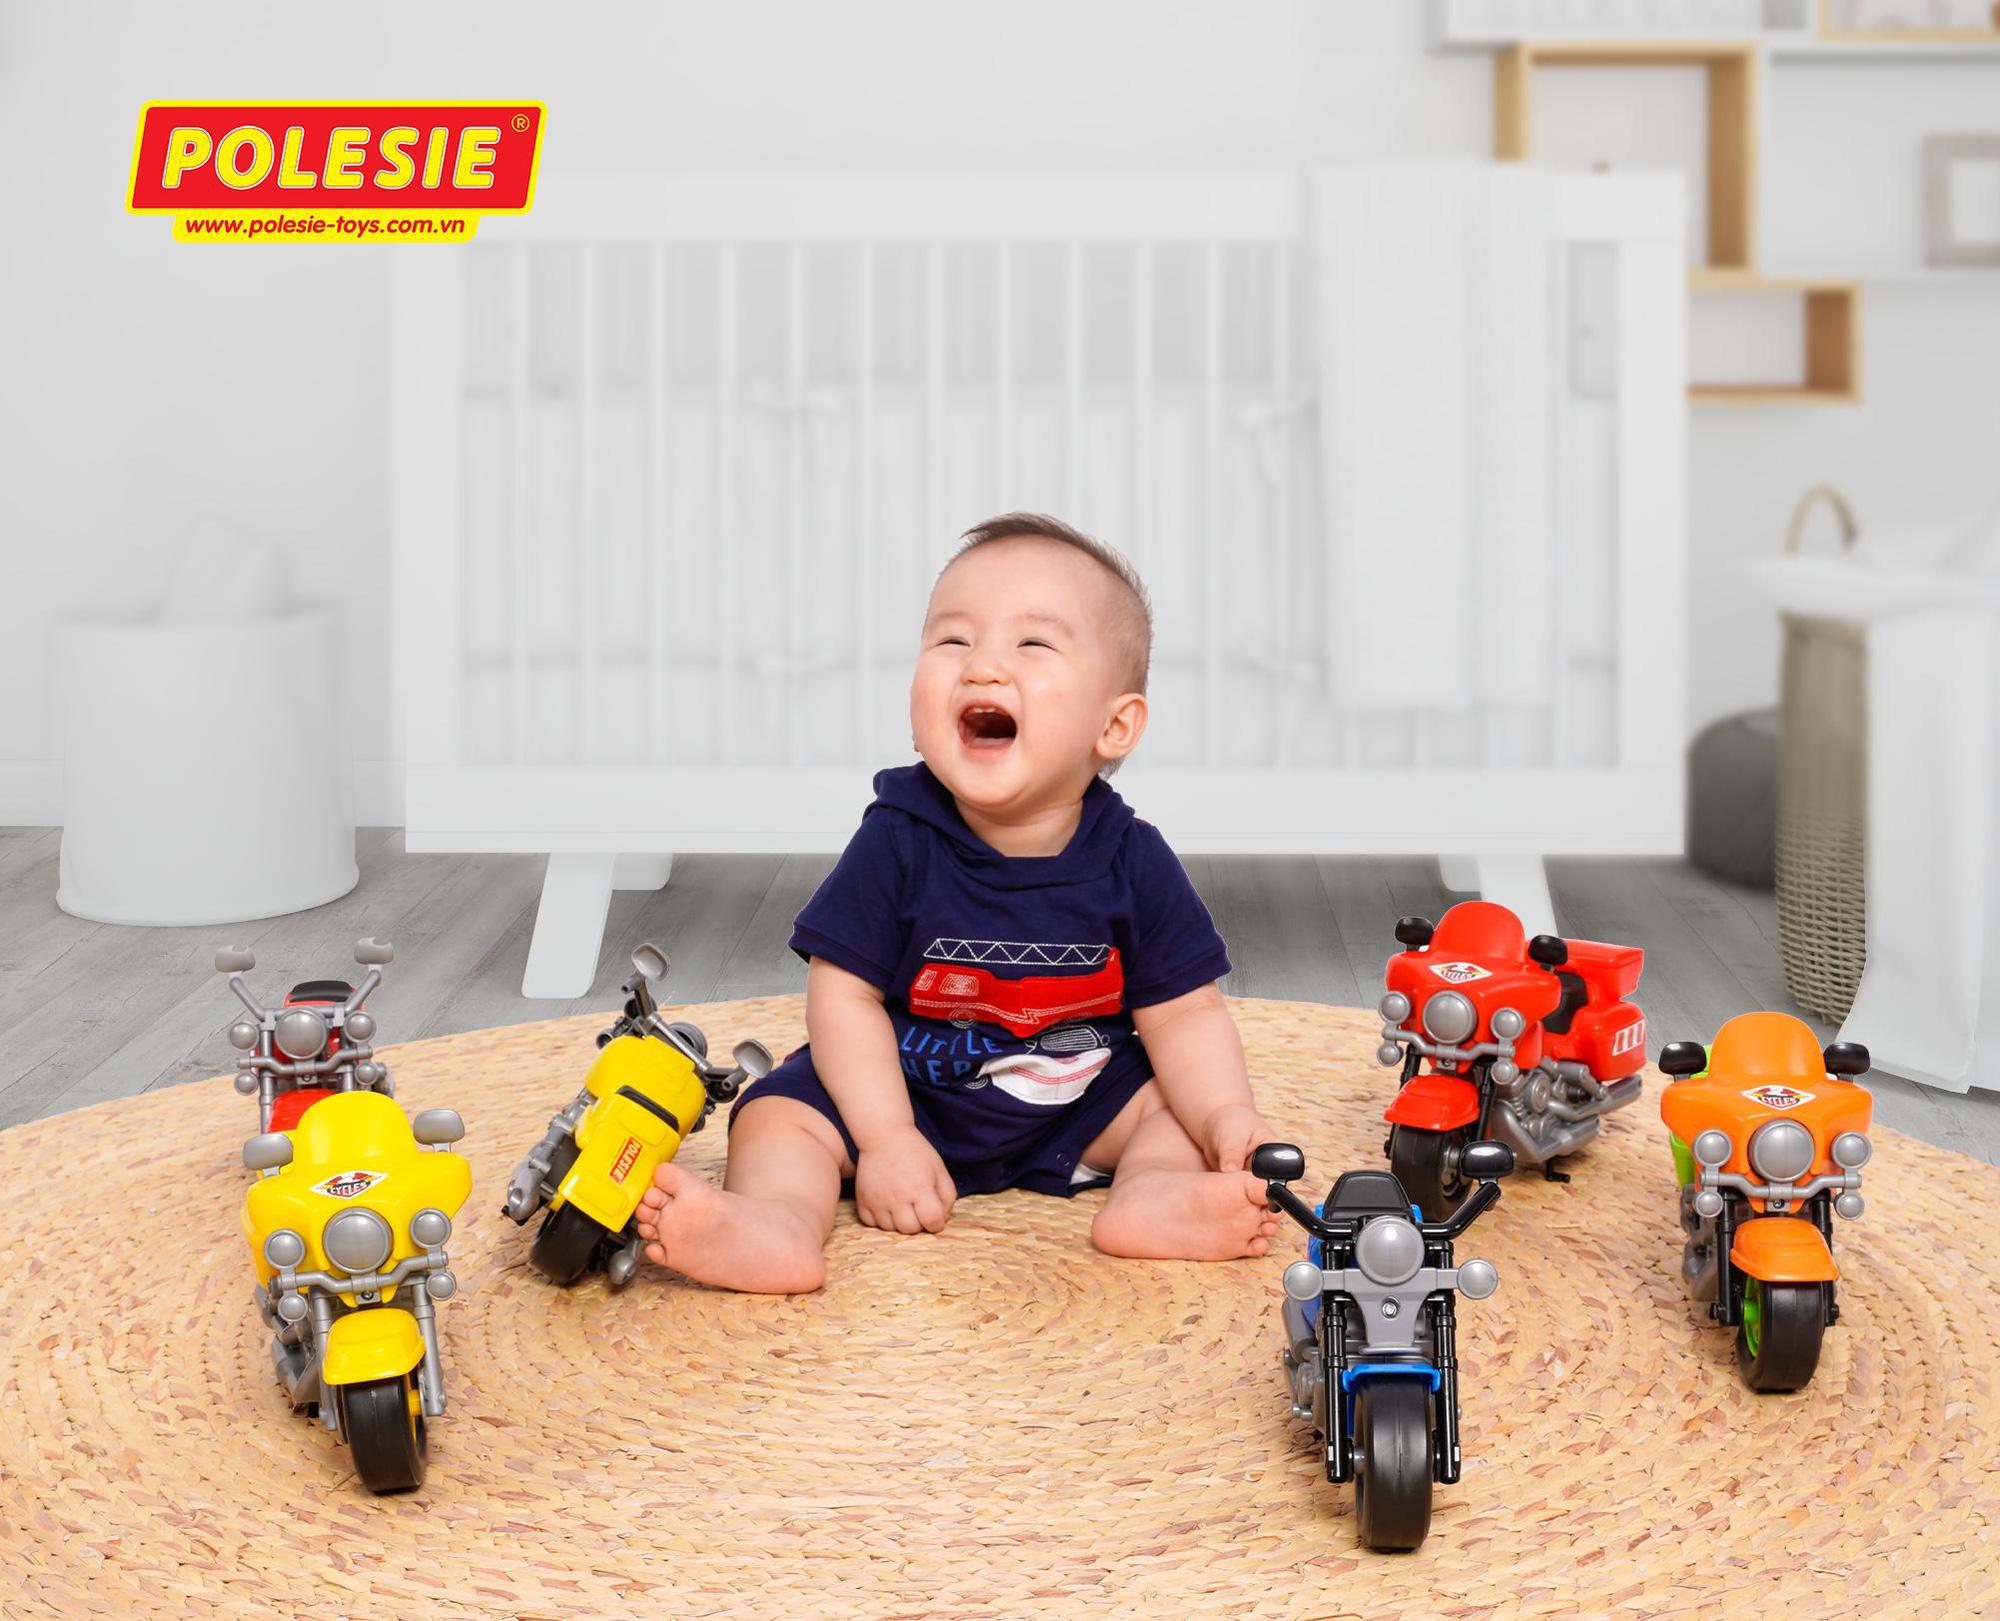 Nguy cơ tiềm tàng với trẻ nhỏ từ những món đồ chơi sử dụng  pin - Ảnh 2.